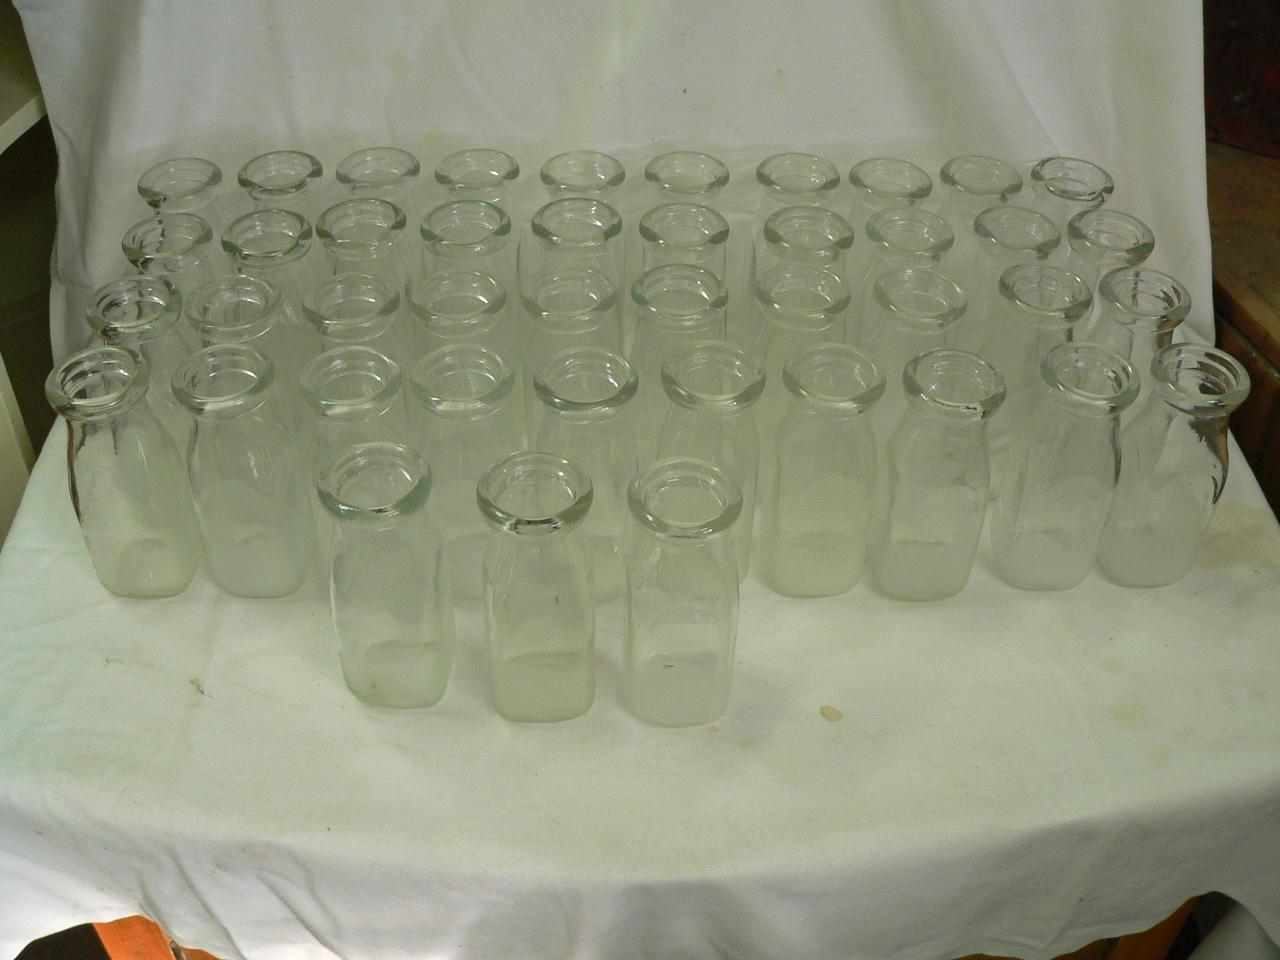 43 bouteille antique de lait # 3584